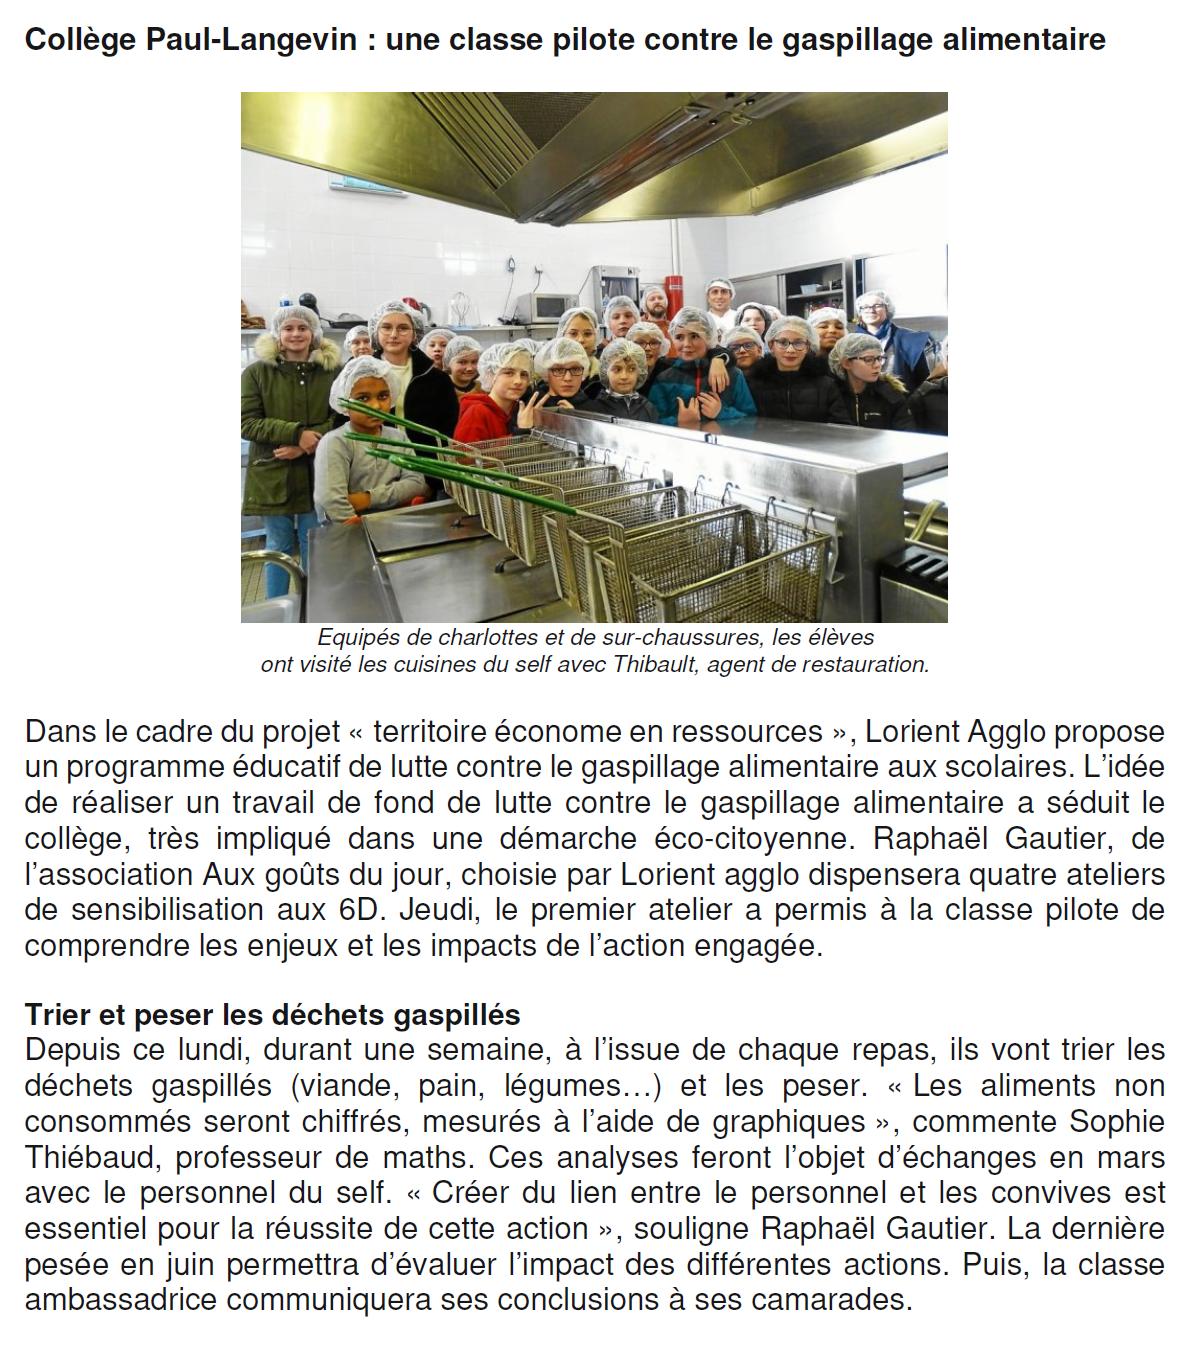 gaspillage alimentaire cantines lorient - Aux Goûts Du Jour